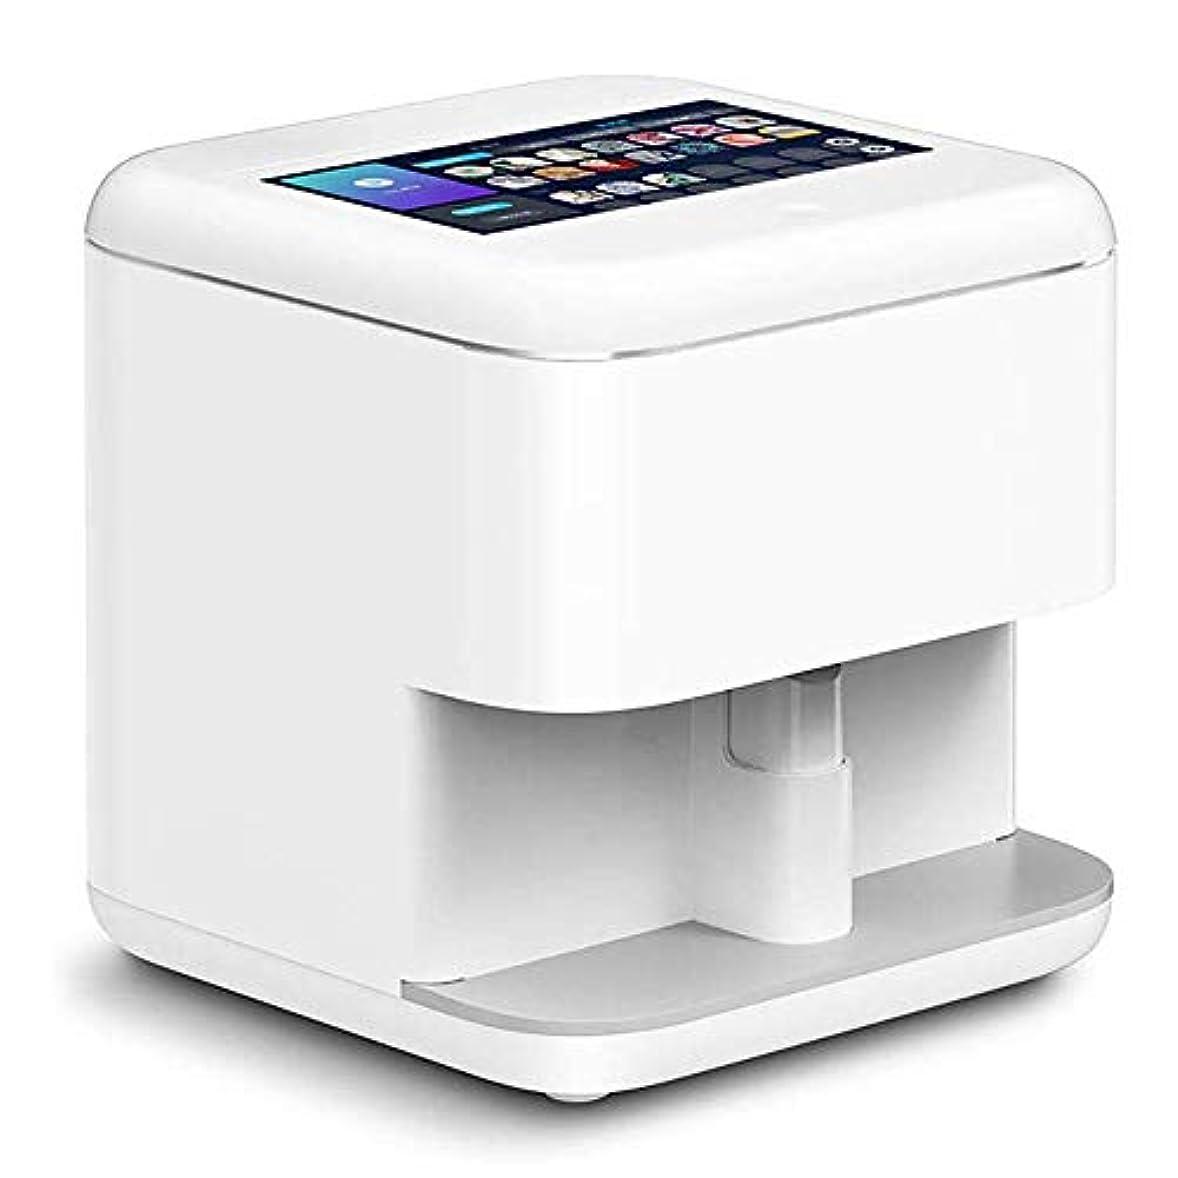 ウール肉屋深いマシン多機能ポータブルモバイルのWiFiワイヤレス簡単全インテリジェント3Dネイルプリンタ絵画自動ネイル